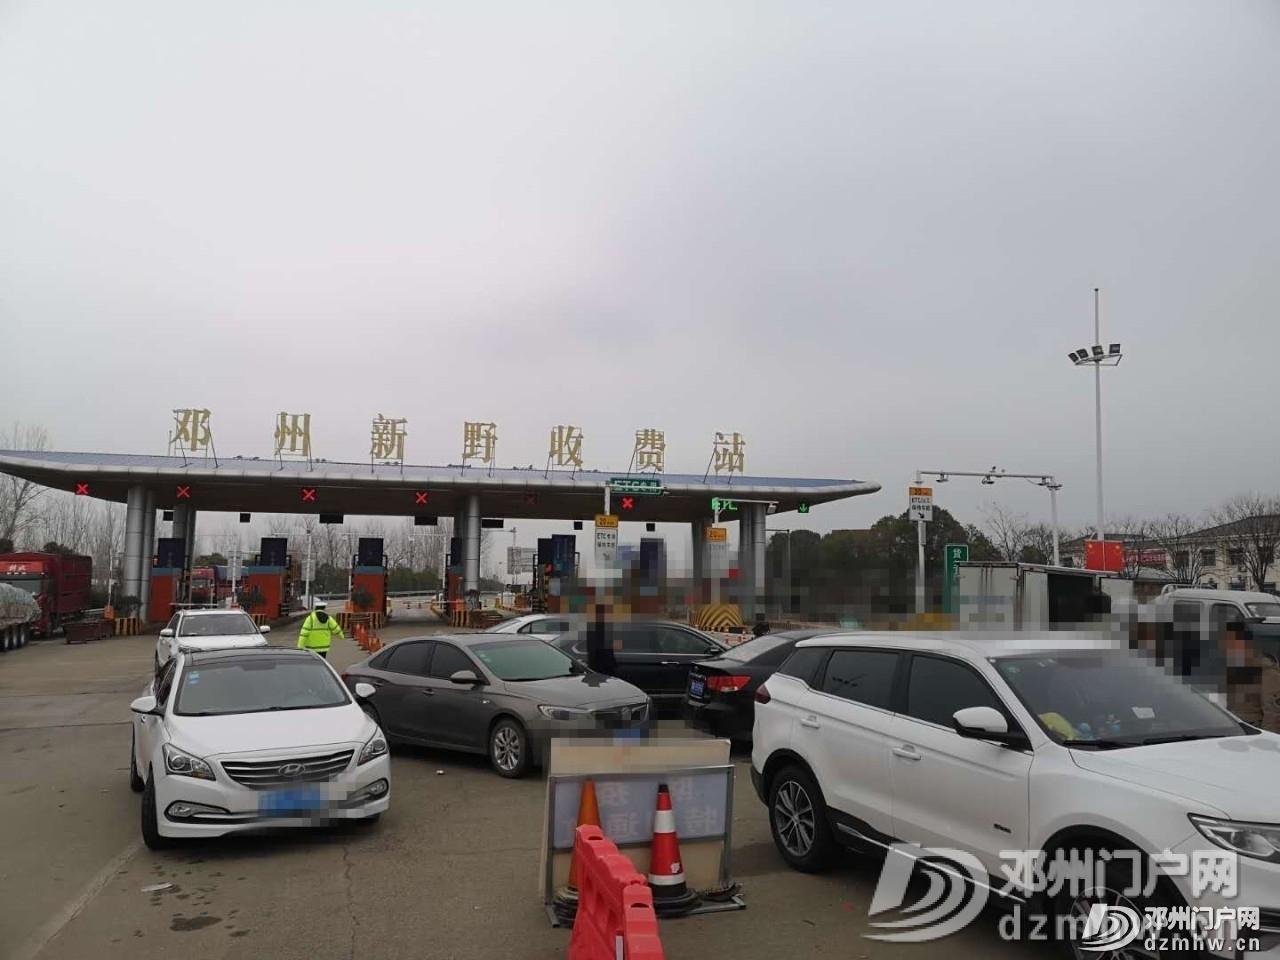 最新!关于邓州桑庄高速外出、返回流程... - 邓州门户网|邓州网 - 48b7ee674b5b6e8580b738edb718b8e4.jpg